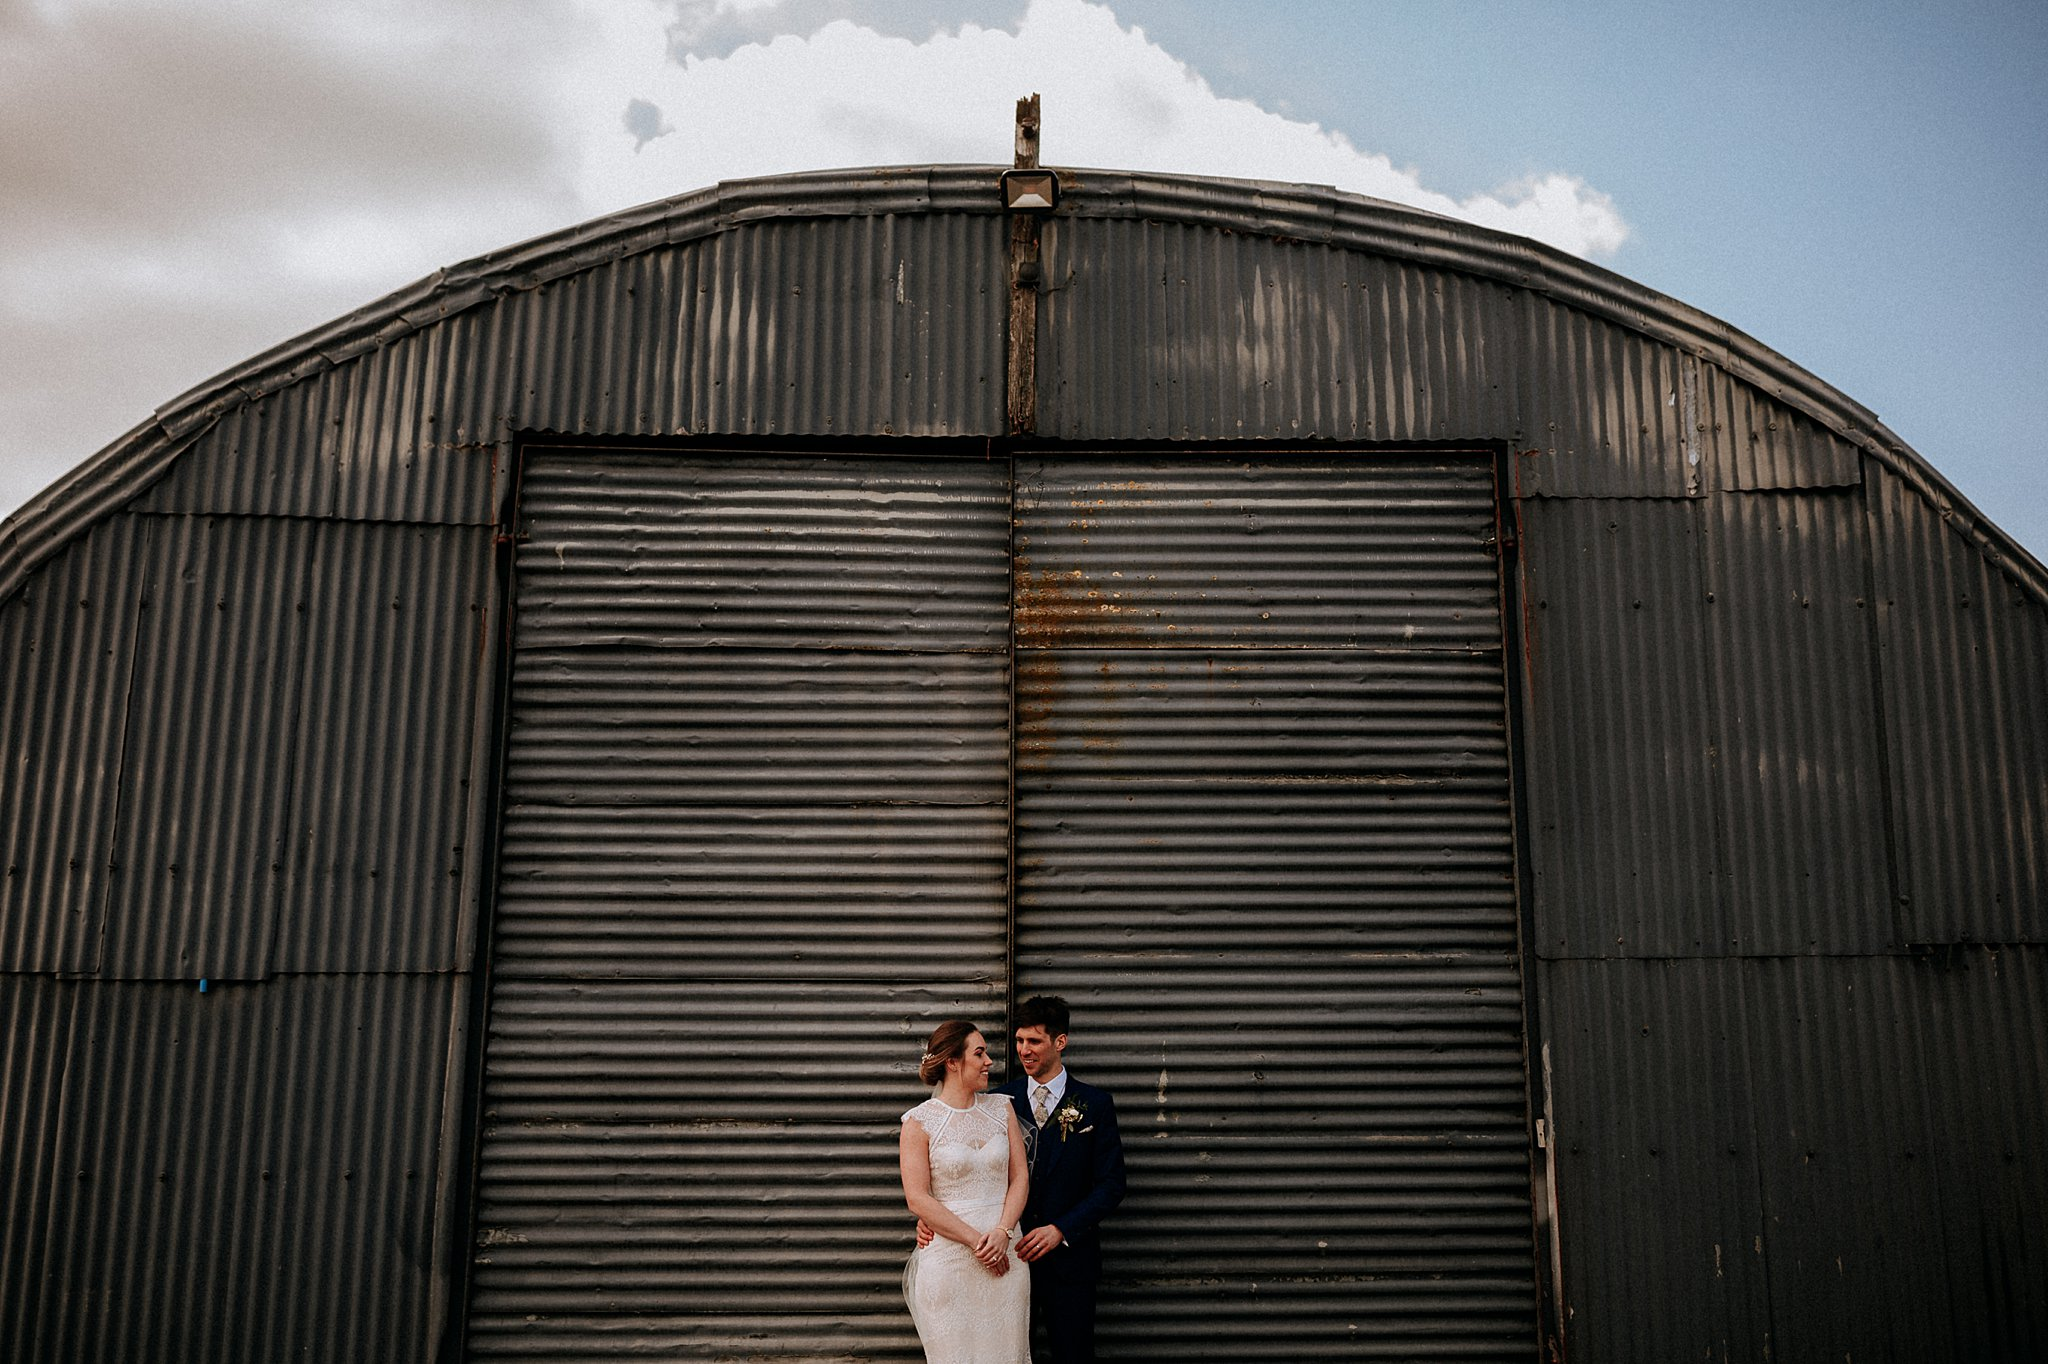 Wedding photographer eden barn